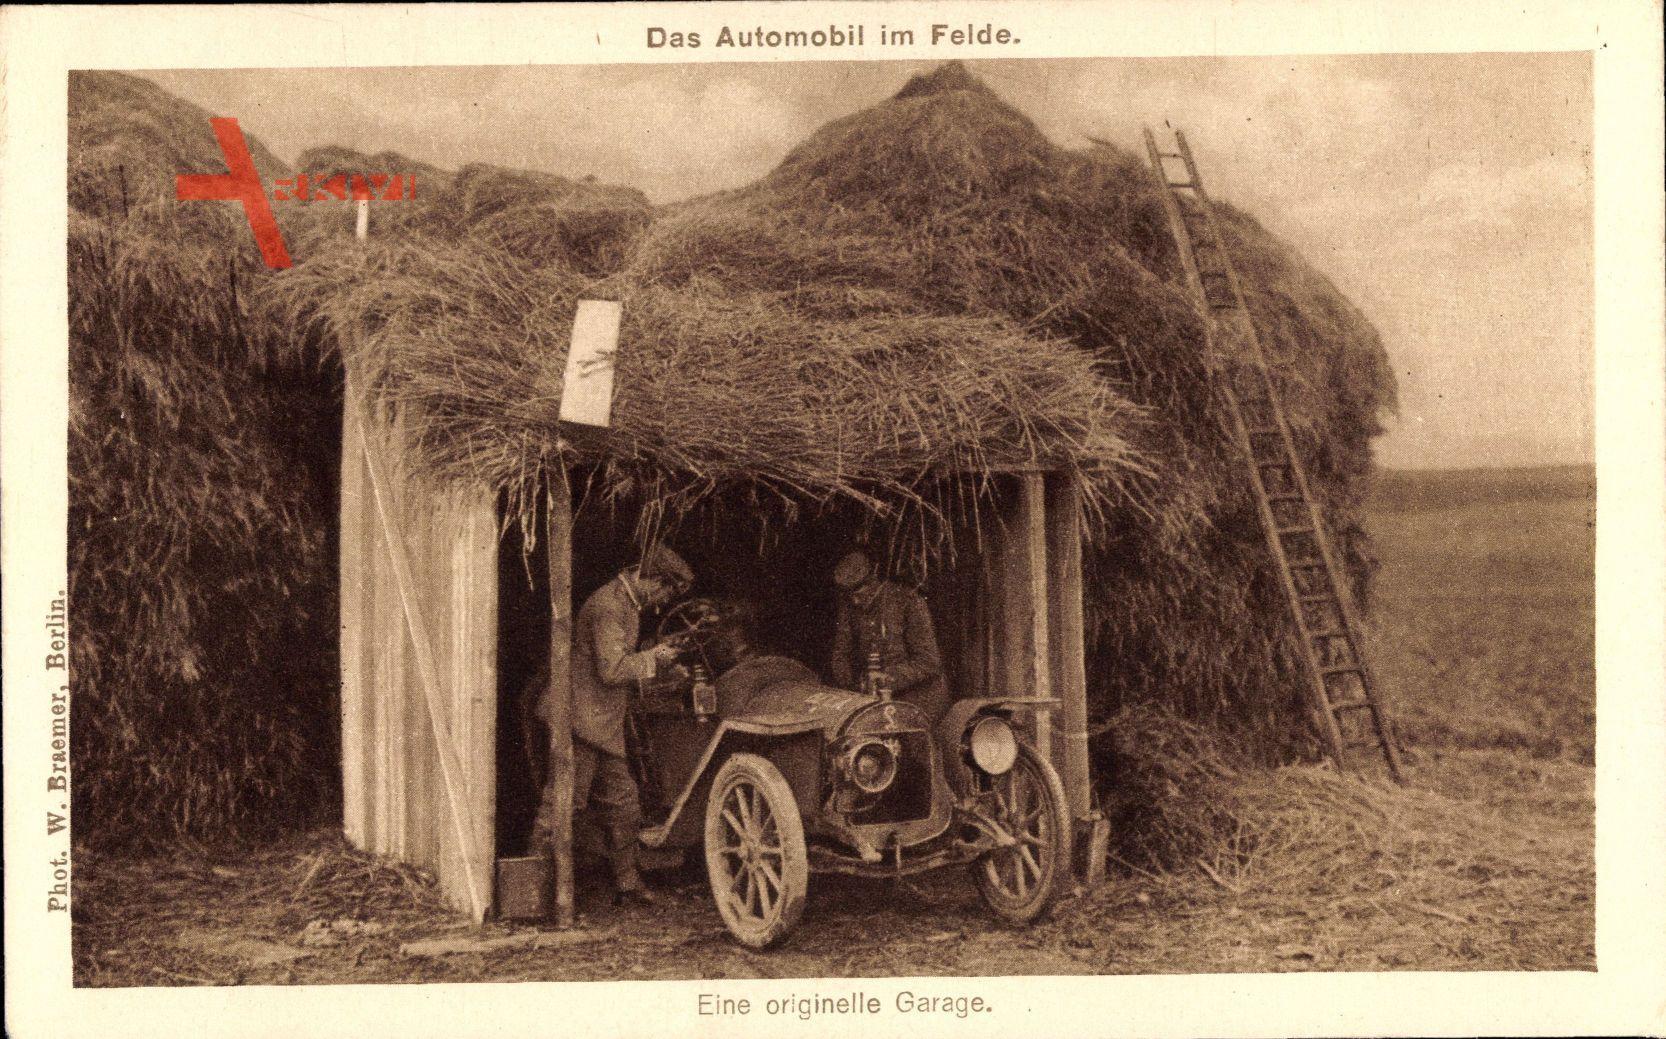 Das Automobil im Felde, Orginelle Garage, Scheune, Strohdach